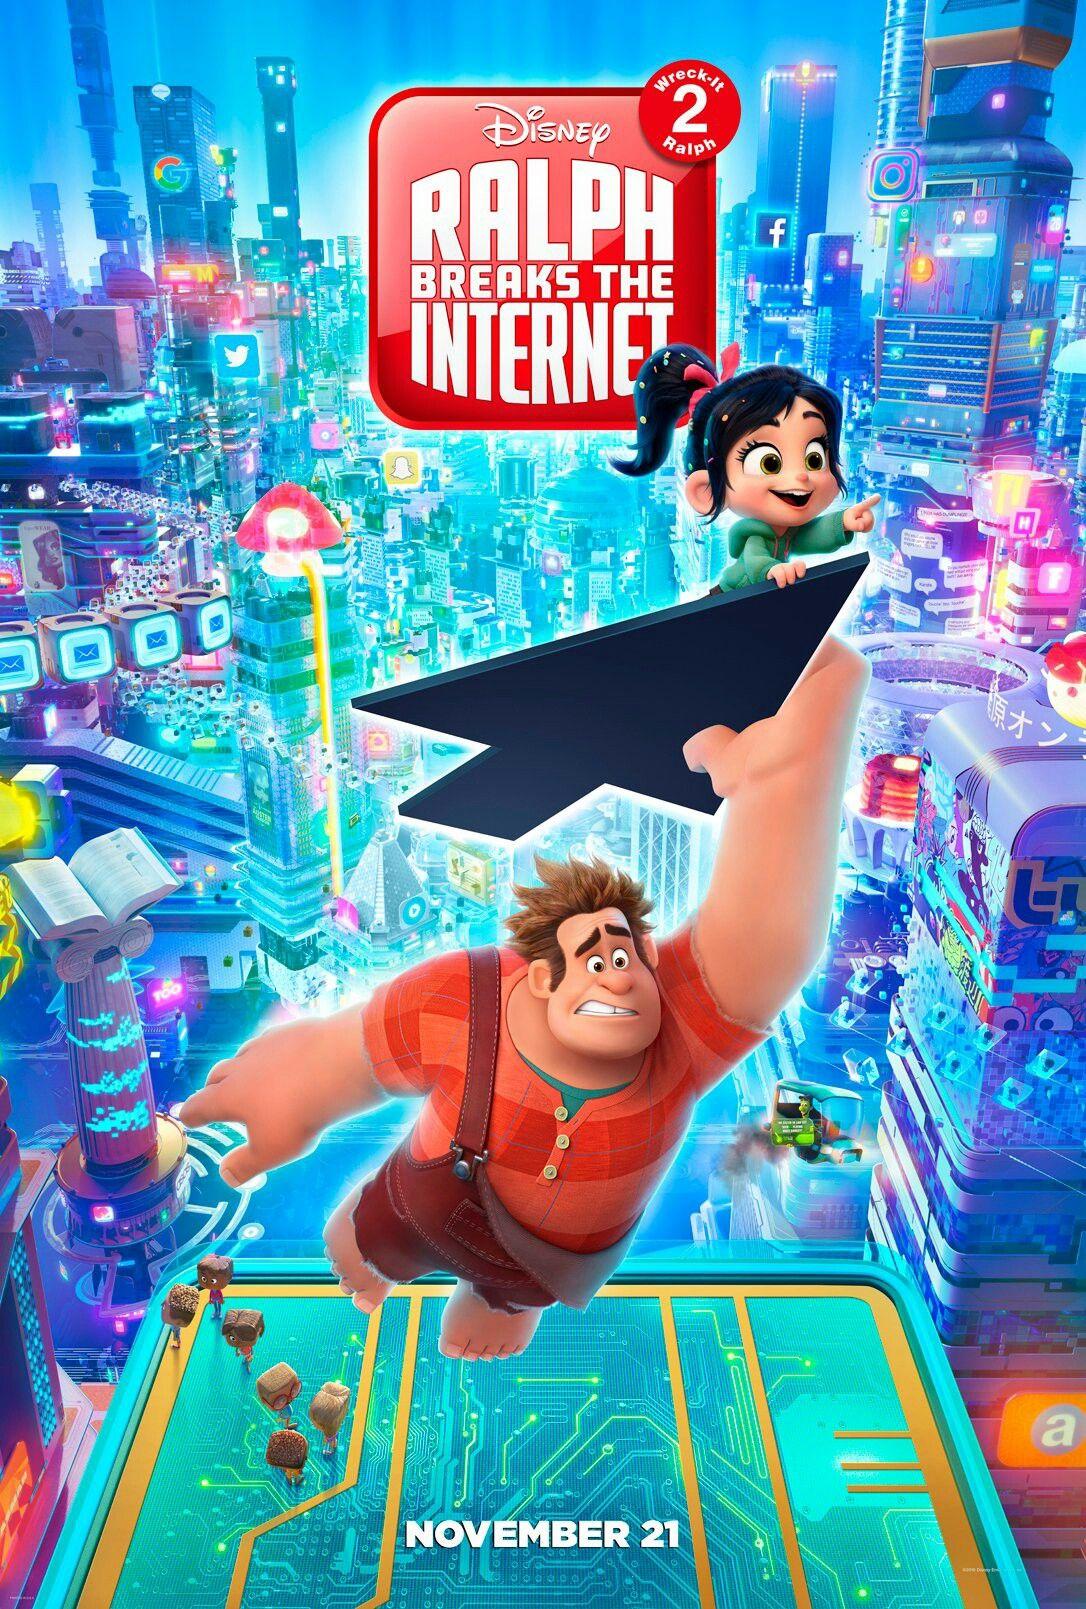 Wreck It Ralph Peliculas Infantiles De Disney Ver Películas Gratis Online Peliculas Completas Hd